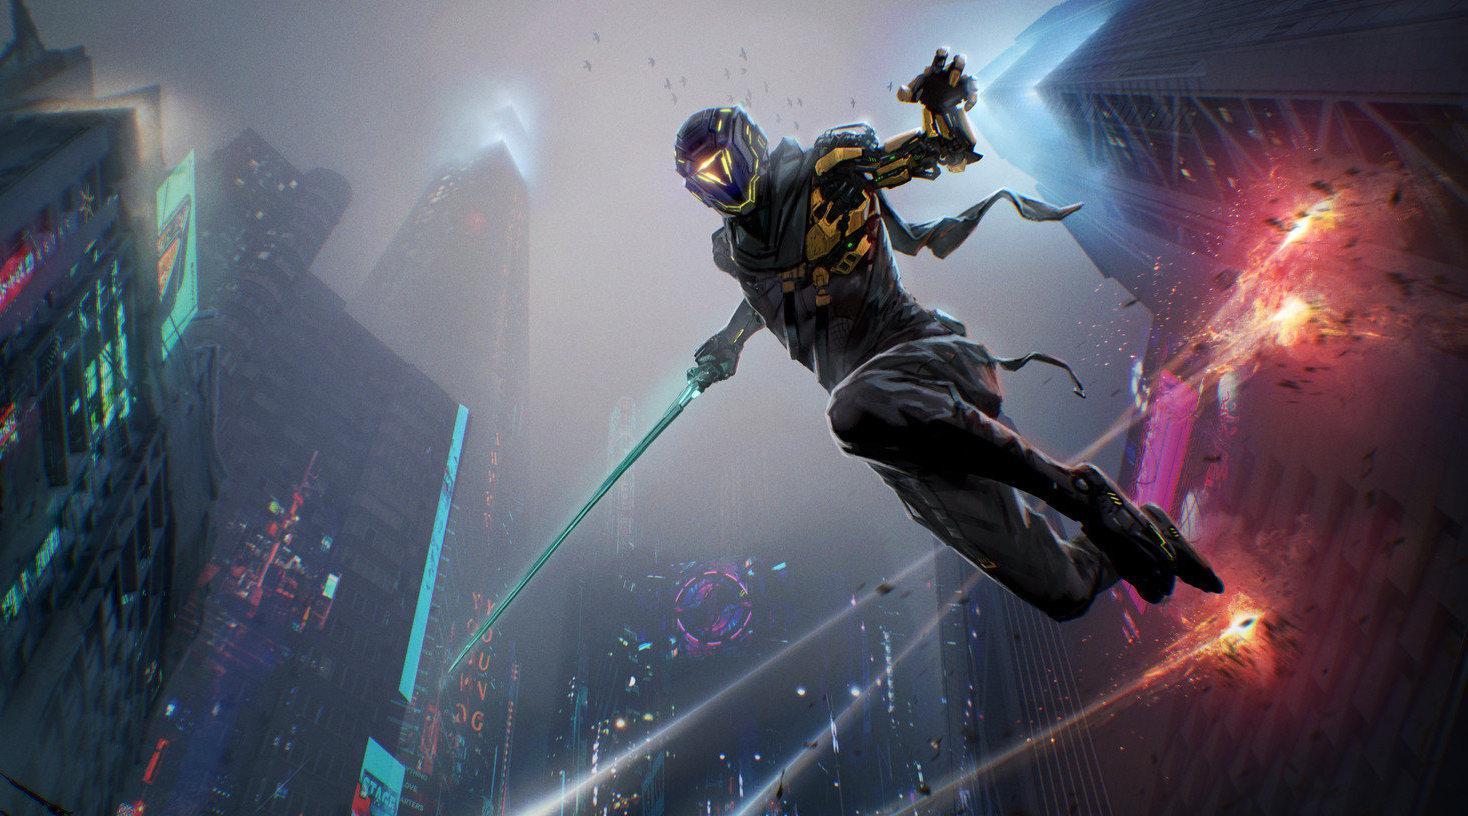 第一人称硬核斩杀游戏《Ghostrunner》试玩Demo已经上架Steam